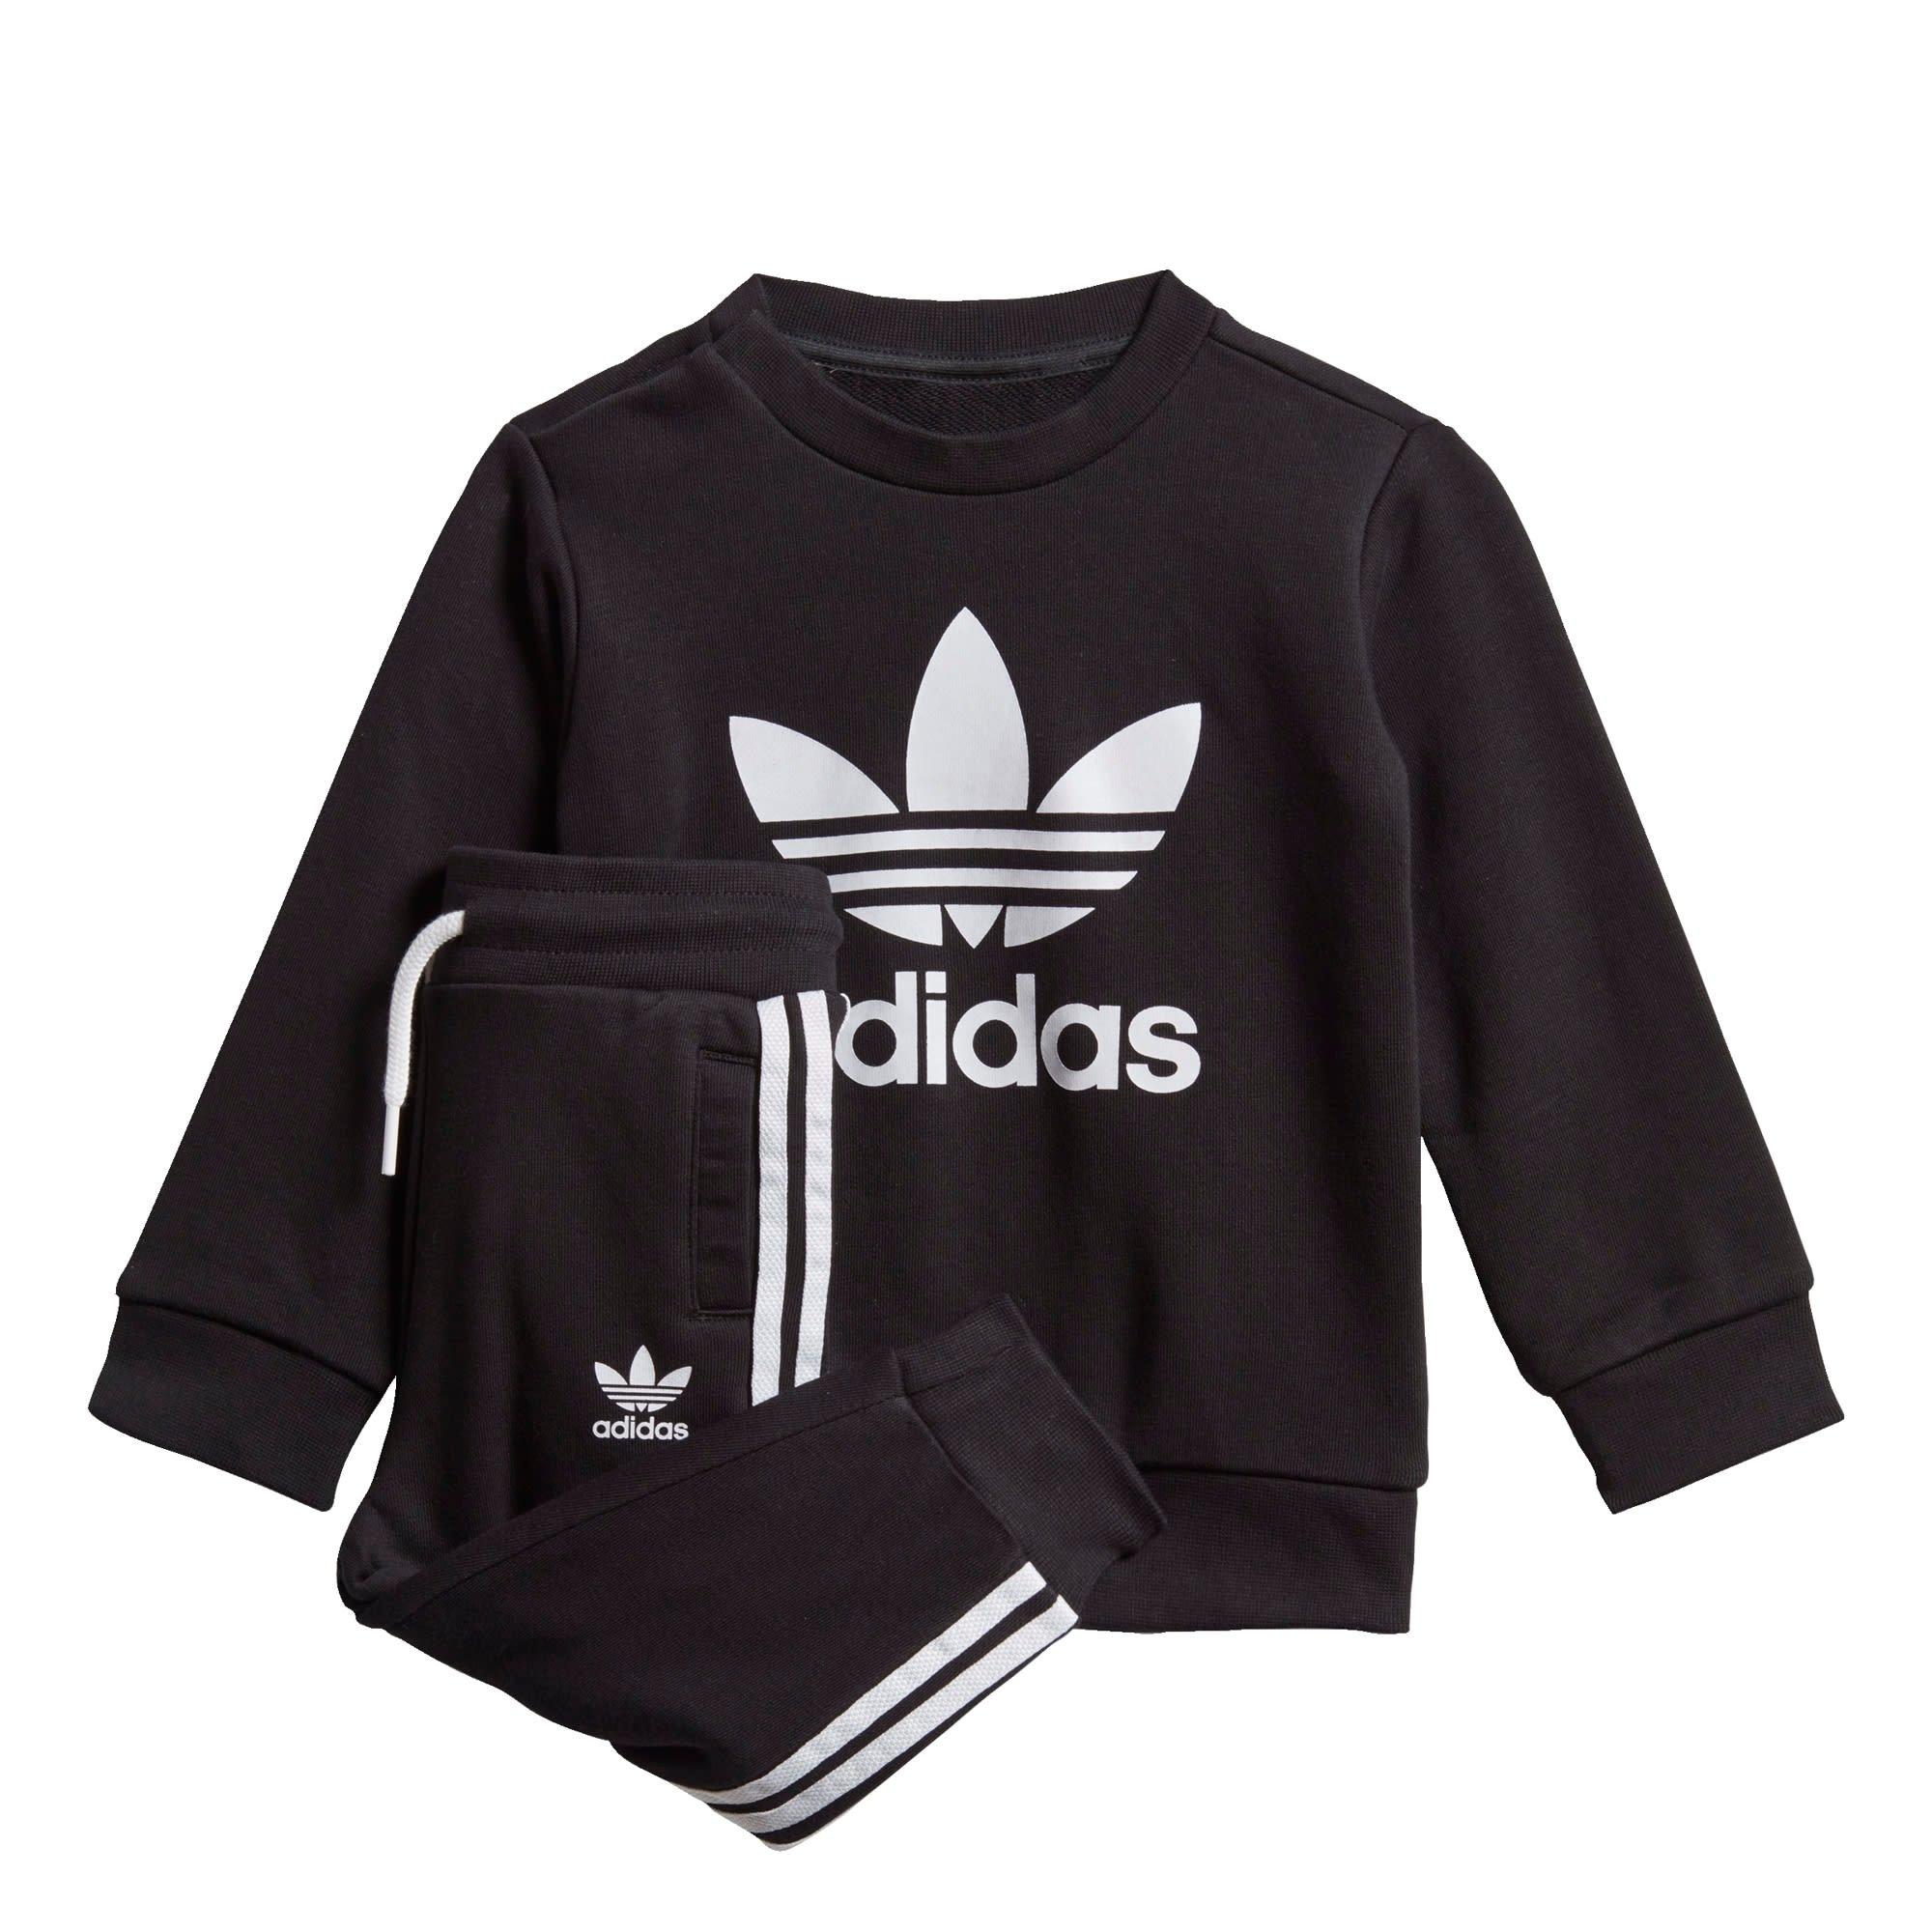 adidas Originals joggingpak uniseks (set, 2-delig) bij OTTO online kopen